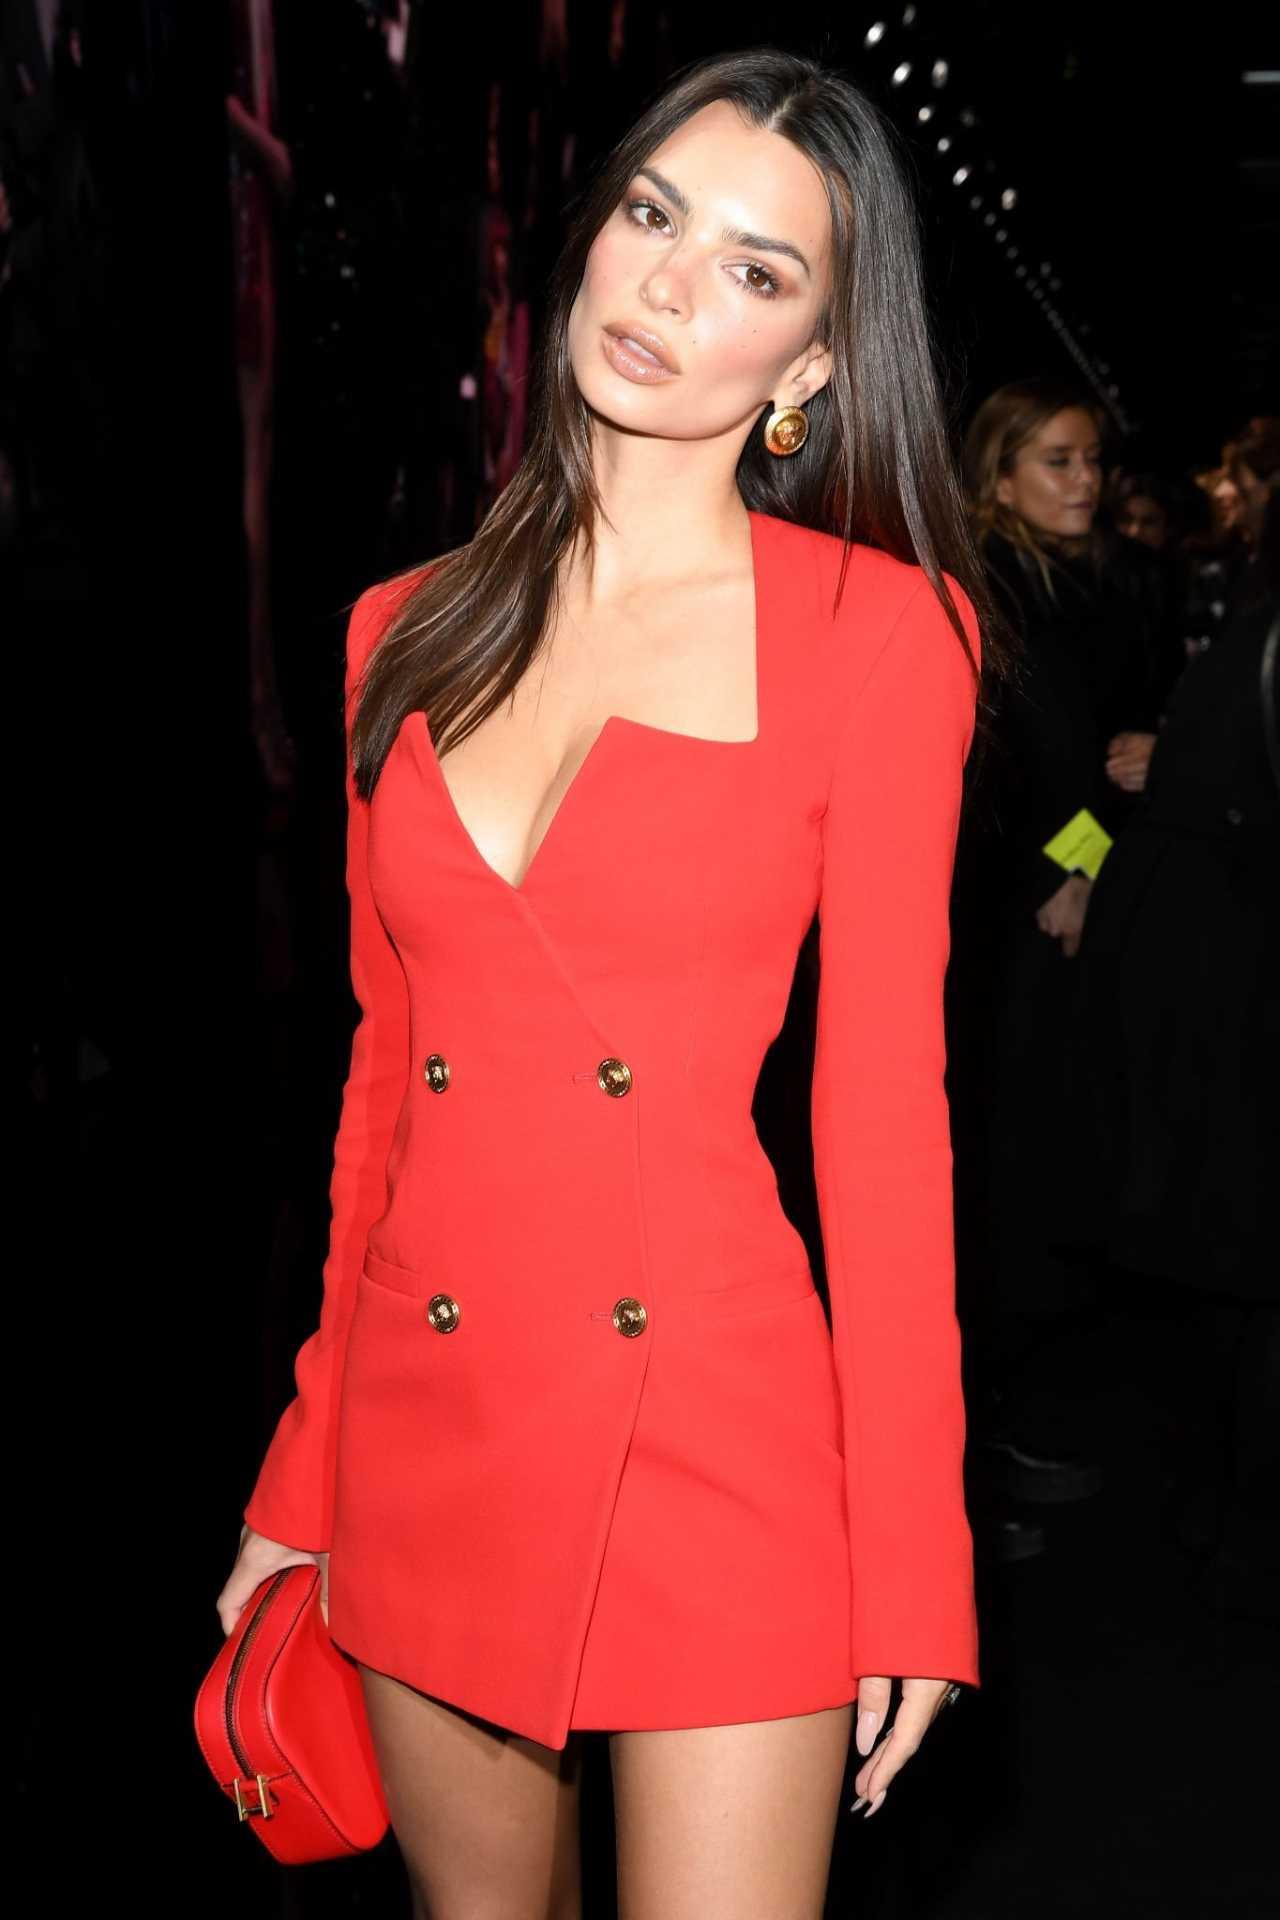 Emily Ratajkowski 2020 : Emily Ratajkowski – In red at Versace Fashion Show in Milan February-10